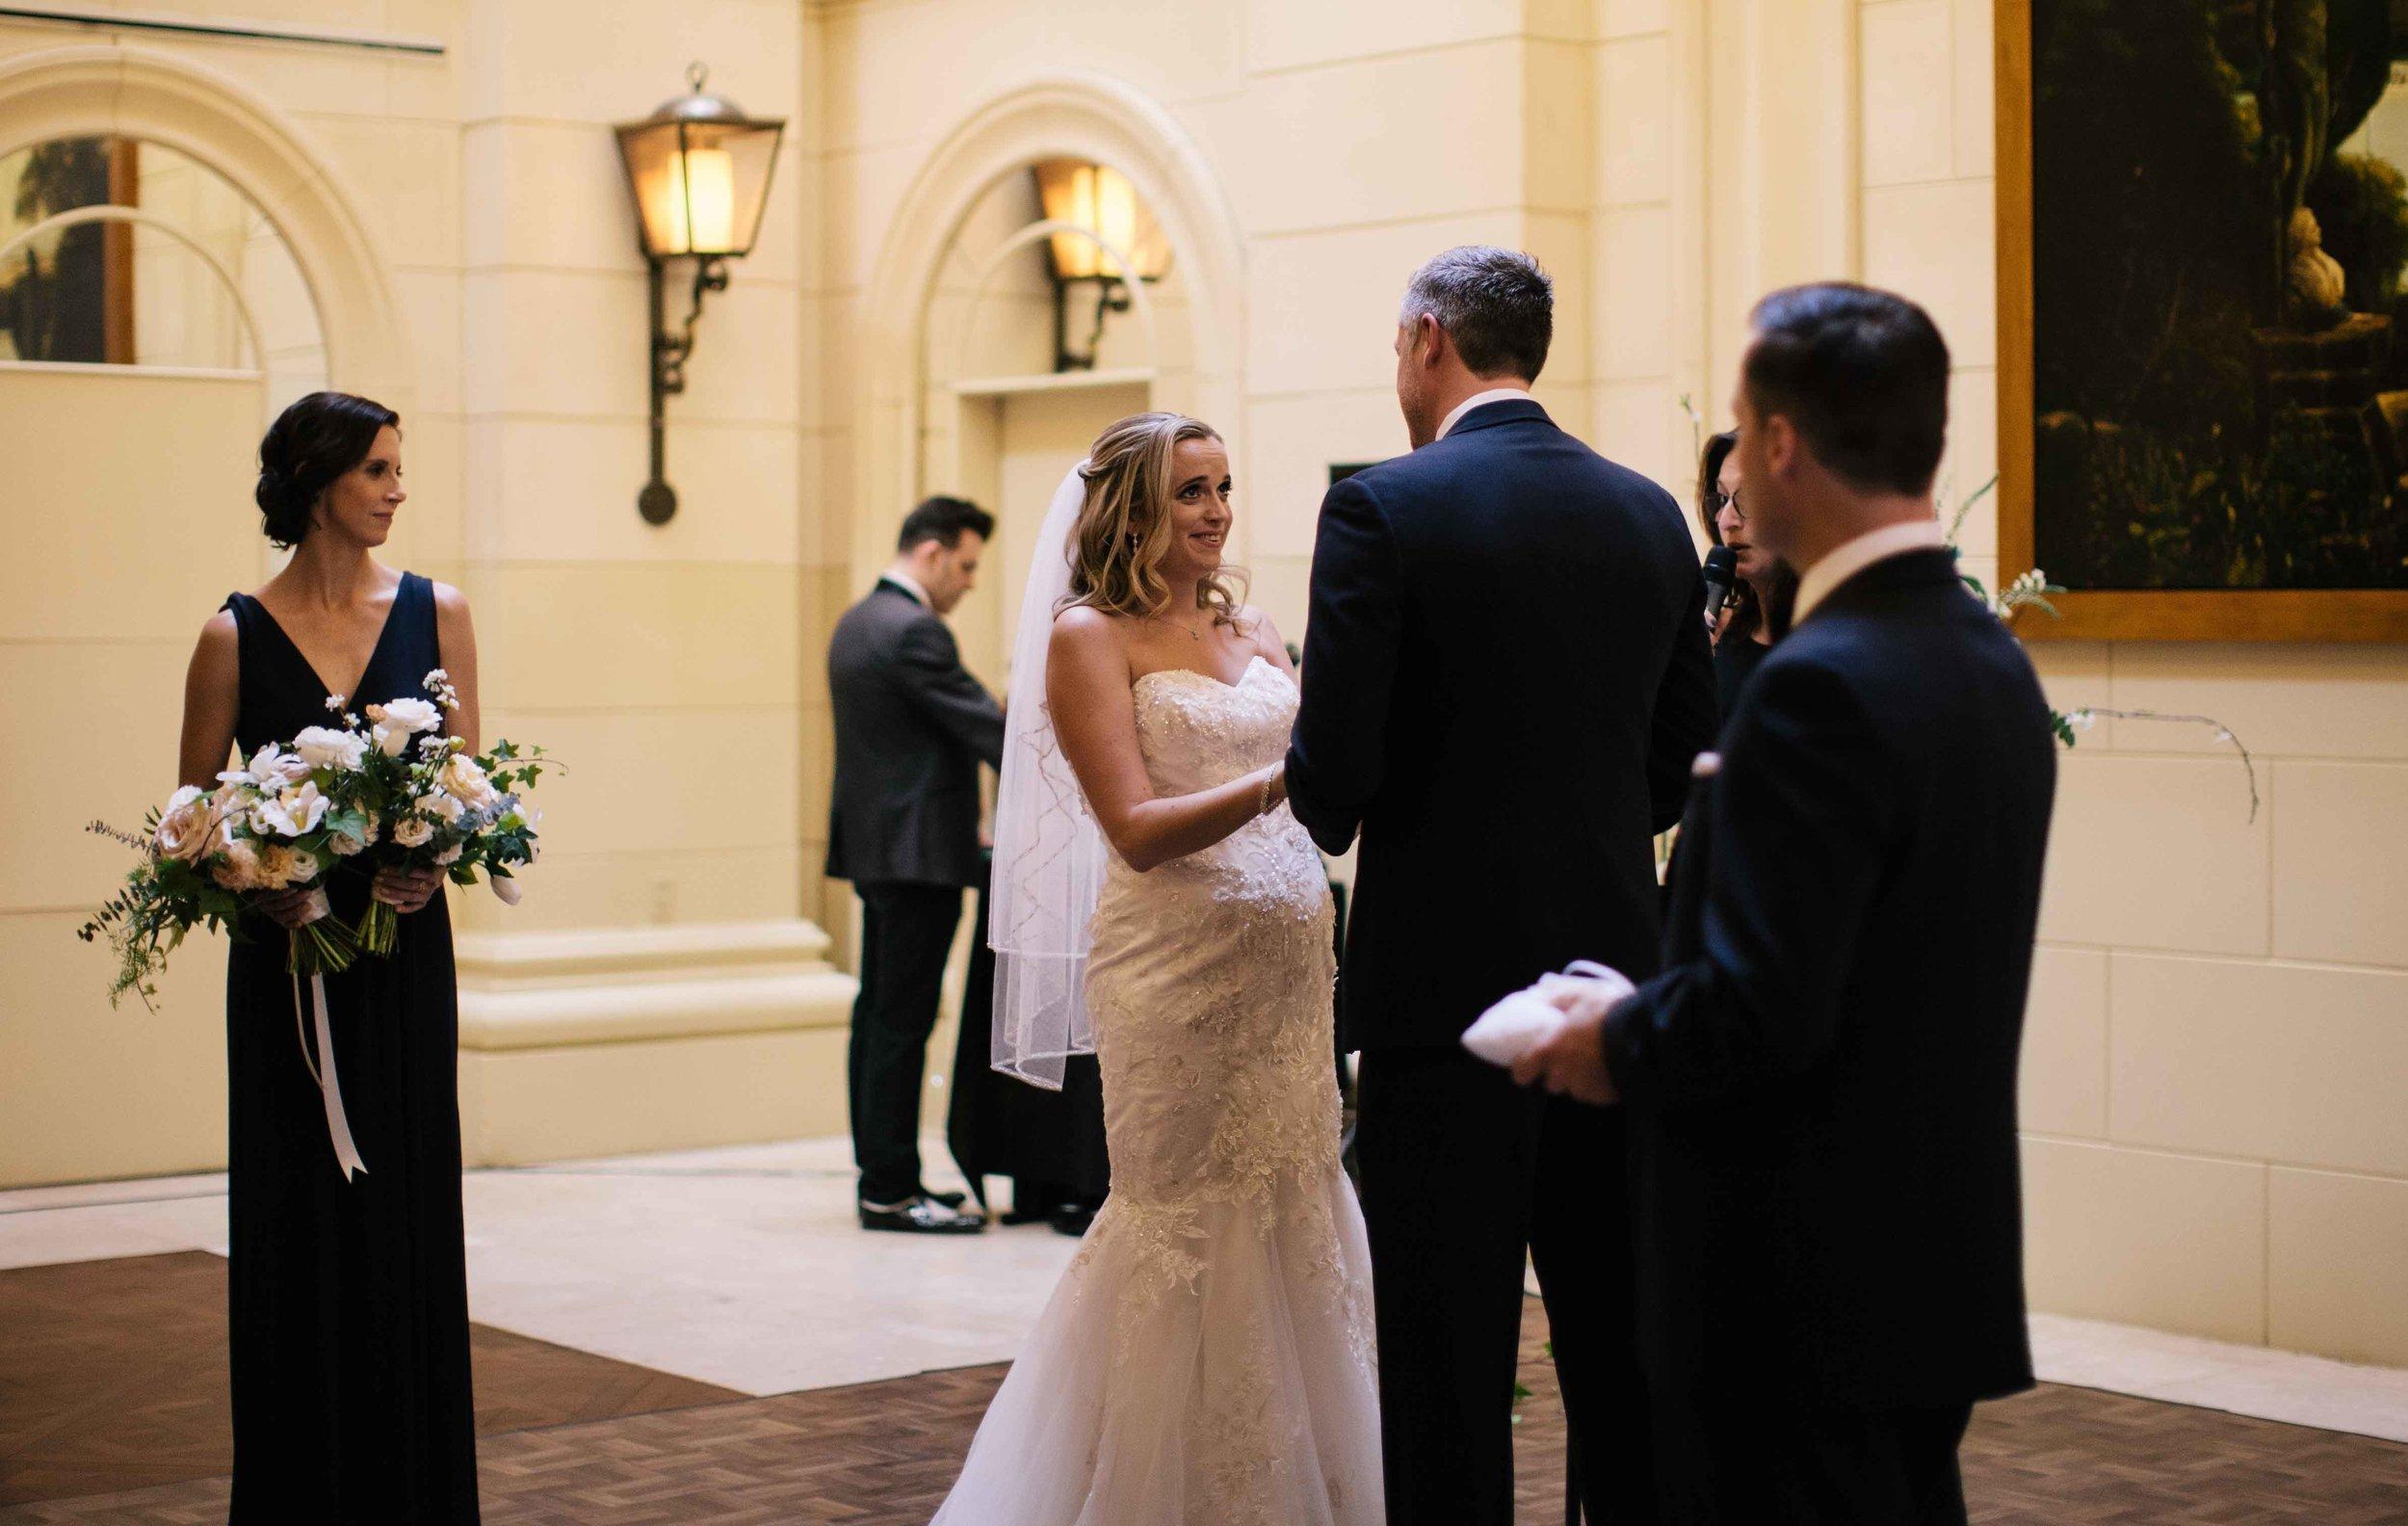 CHRIS_GEORGINA_WEDDING-51.jpg